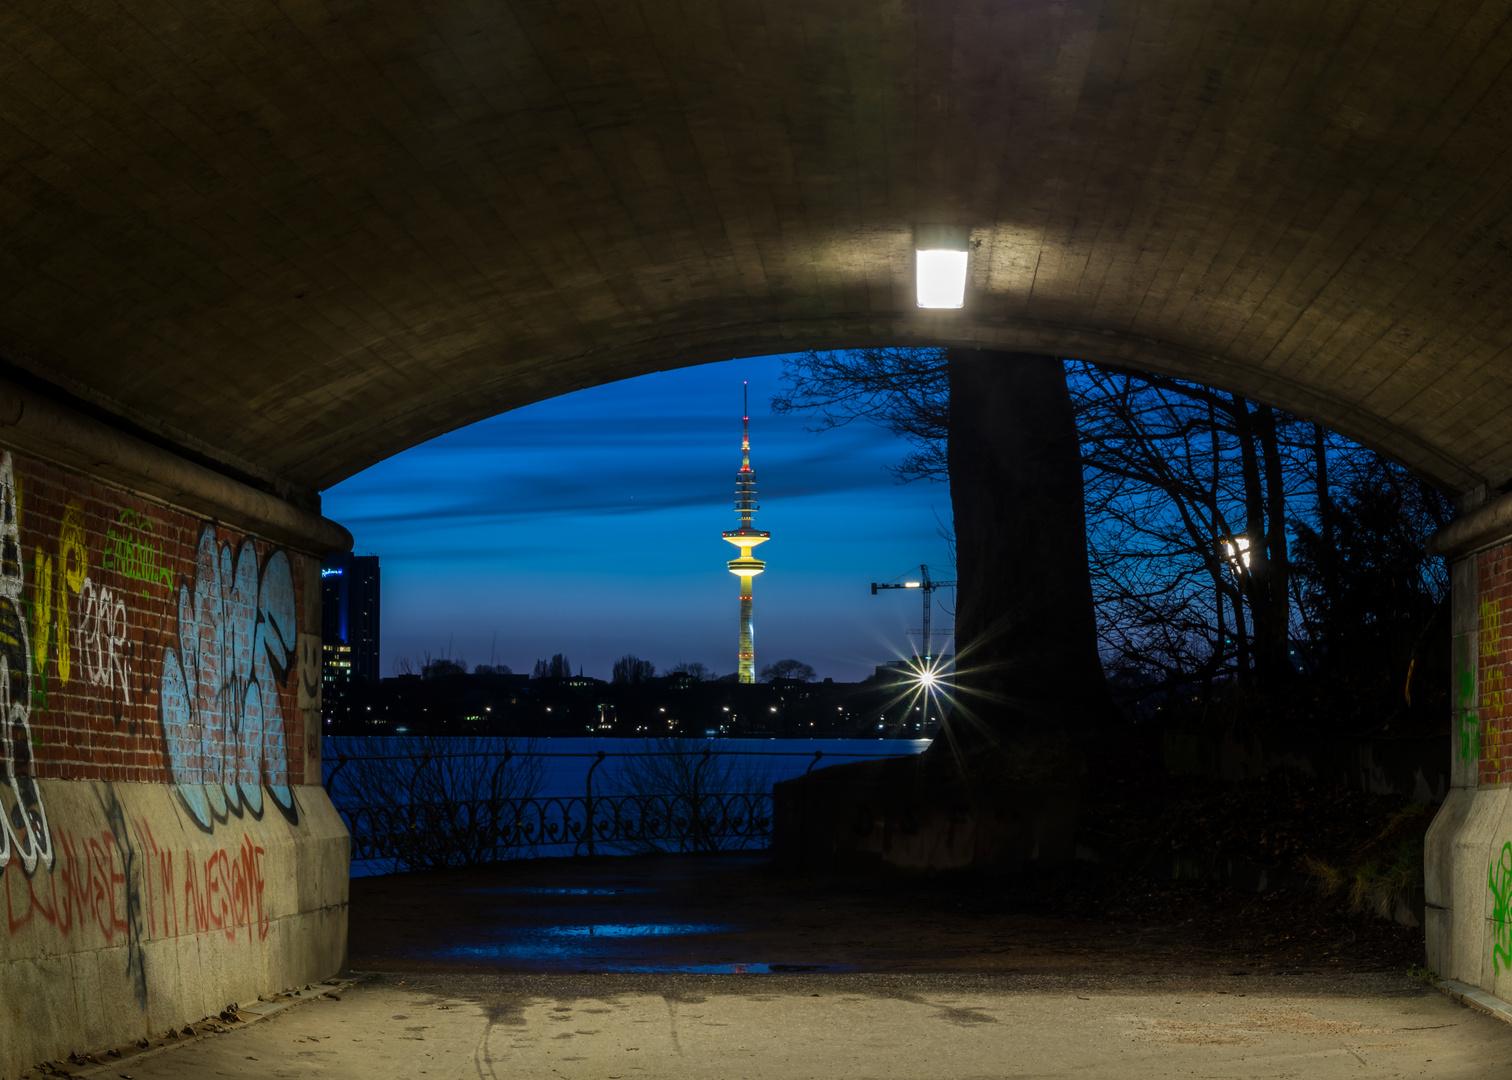 Tunnelblick zum Fernsehturm